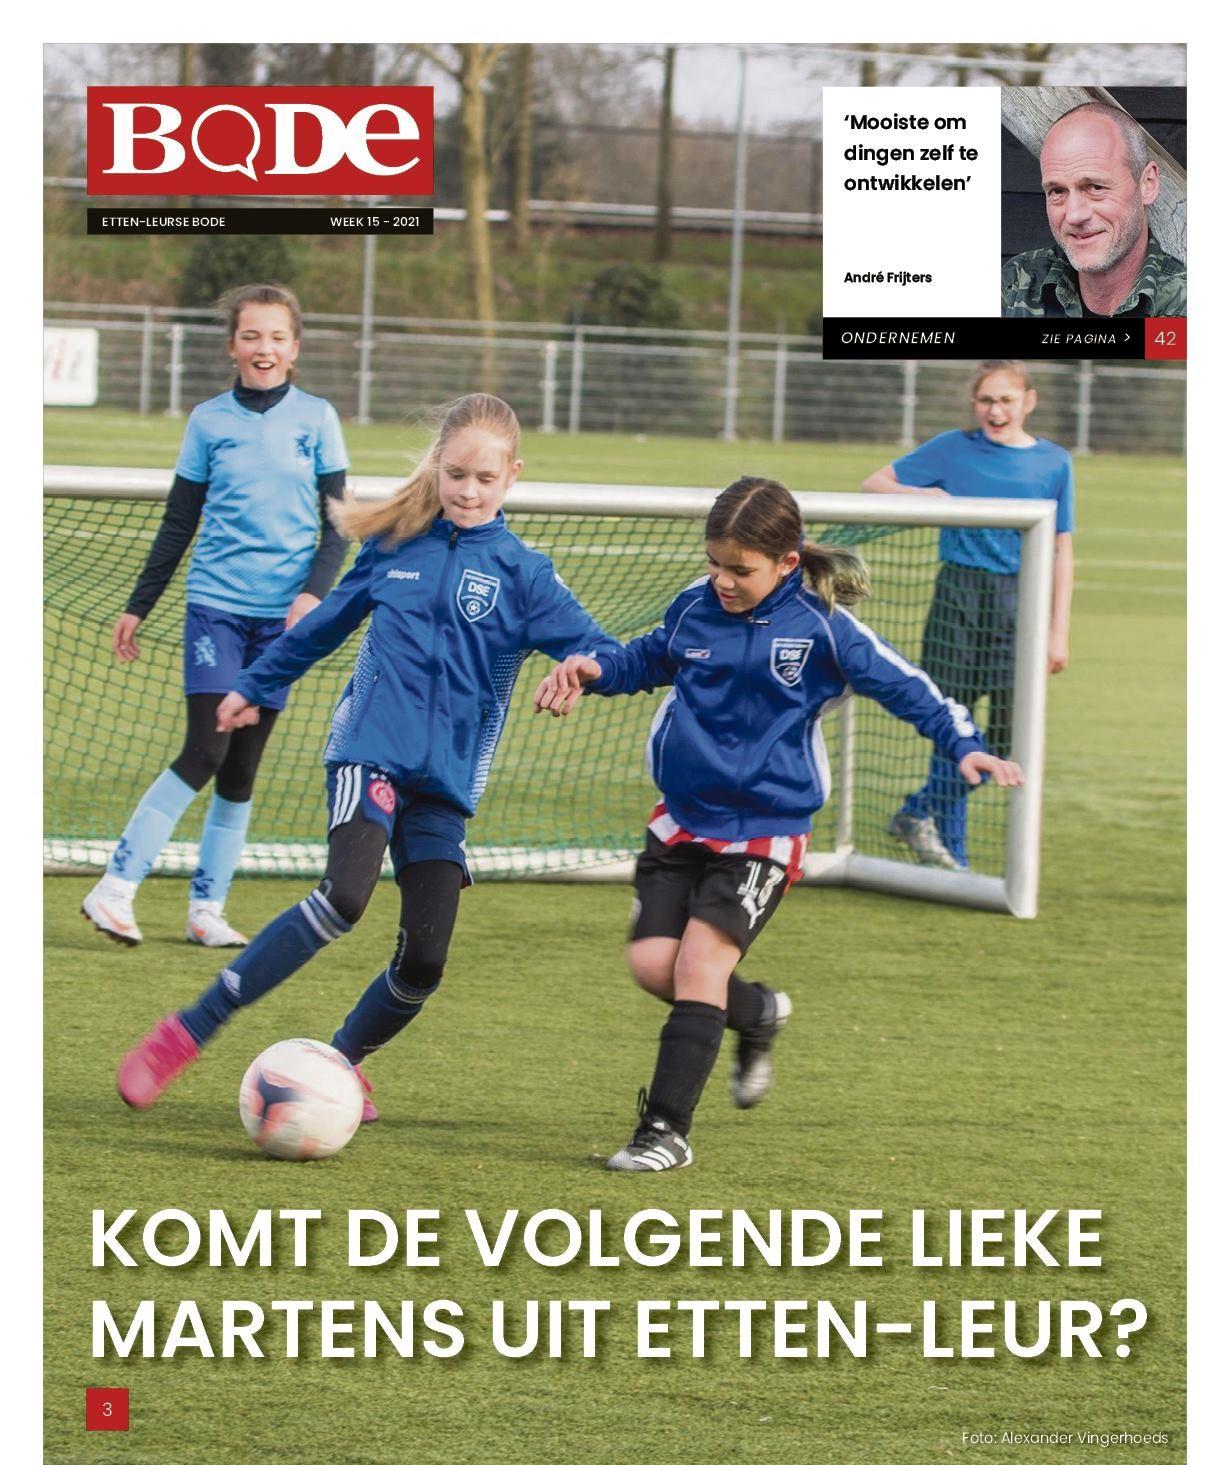 Uit de Bode: DSE heeft grootste meidenafdeling van Etten-Leur: 'Ons team speelt al jaren hoofdklasse'